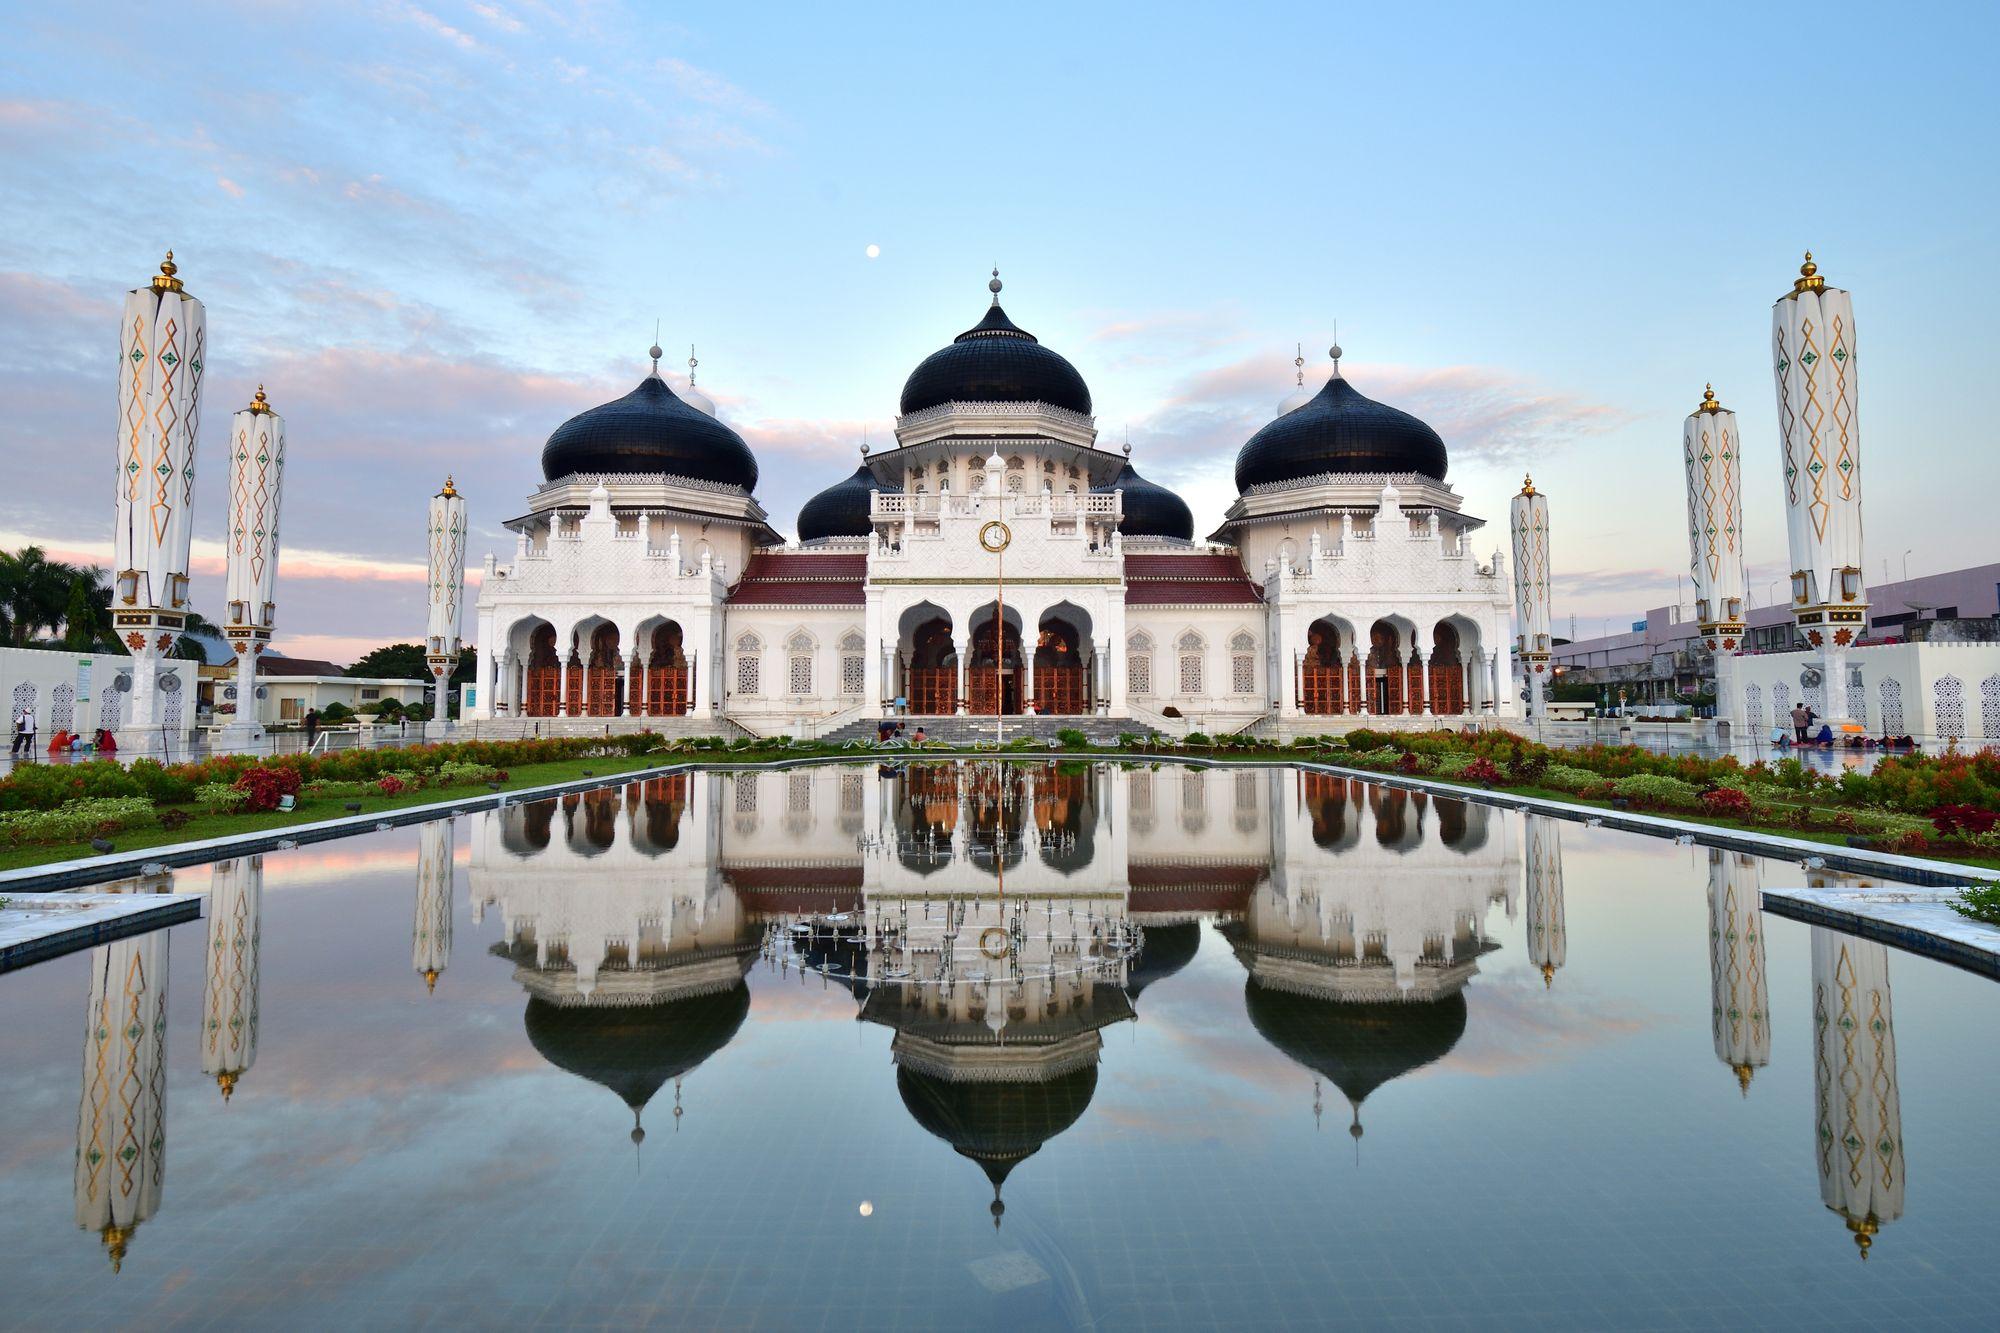 Baiturrahman Ulu Camii